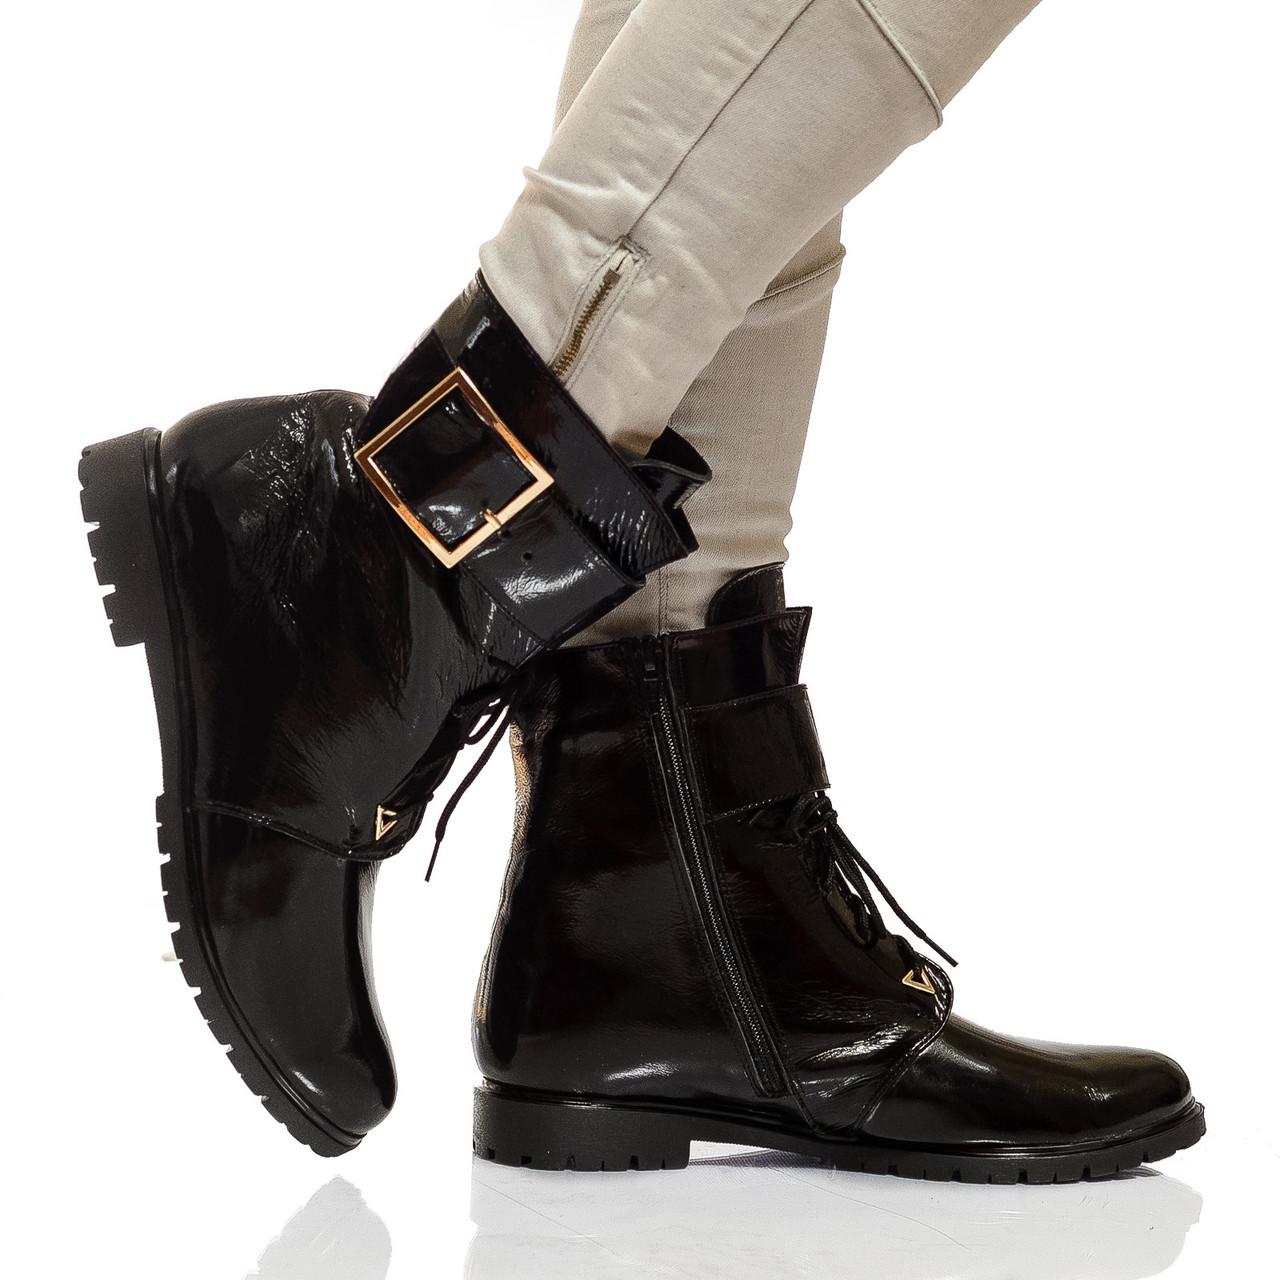 Сапоги-ботинк на низком каблуке, из натуральной кожи, замша на молнии. Пять цветов! Размеры 36-41 модель S2214